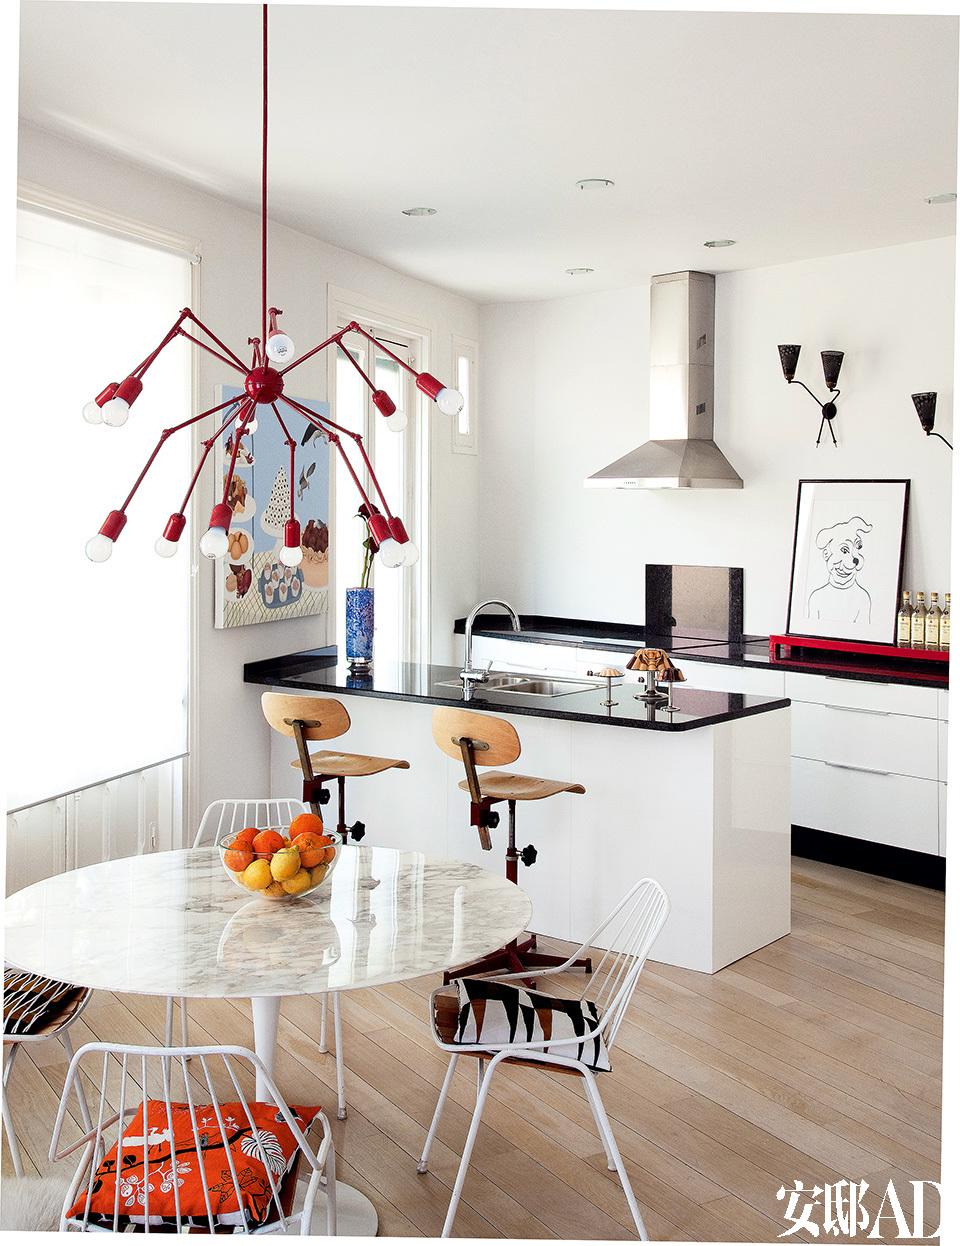 """黑白为主色调的厨房和餐厅区域,红色蜘蛛吊灯无疑是点睛之笔。厨房中,整体橱柜来自宜家家居,吸油烟机为SMEG品牌,一旁是Luis Macías的小狗素描。另一侧的墙面上挂着Rosalía Banet系列作品""""肉店之爱""""(Carnicería Love)中的肉食静物画""""Bodegón De Carne"""",购买于Espacio Mínimo画廊。墙上的法式壁灯来自La Europea。"""